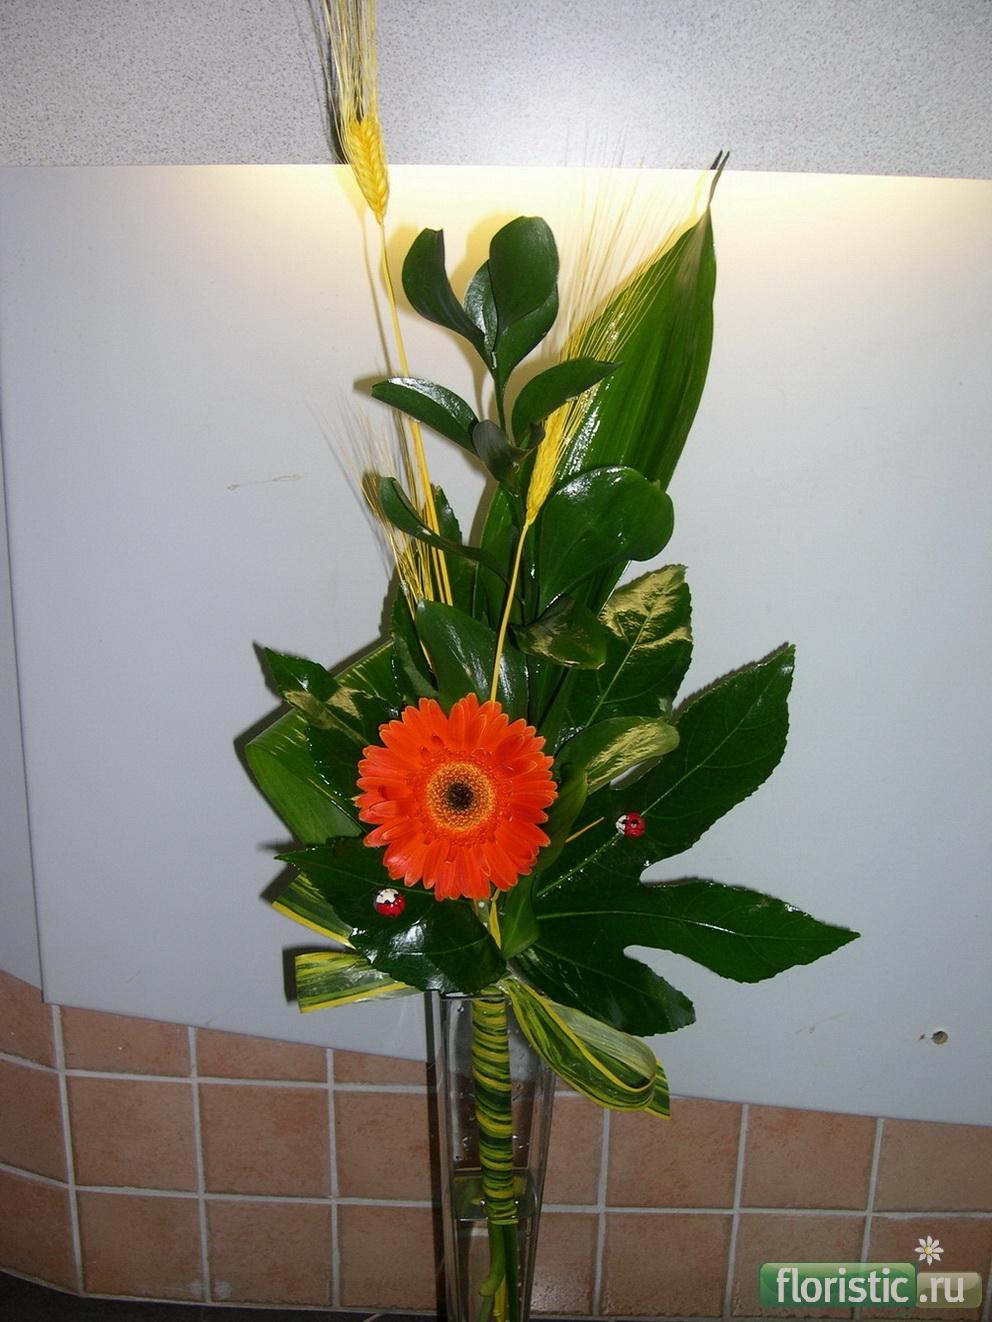 Как собрать недорогой букет цветов своими руками